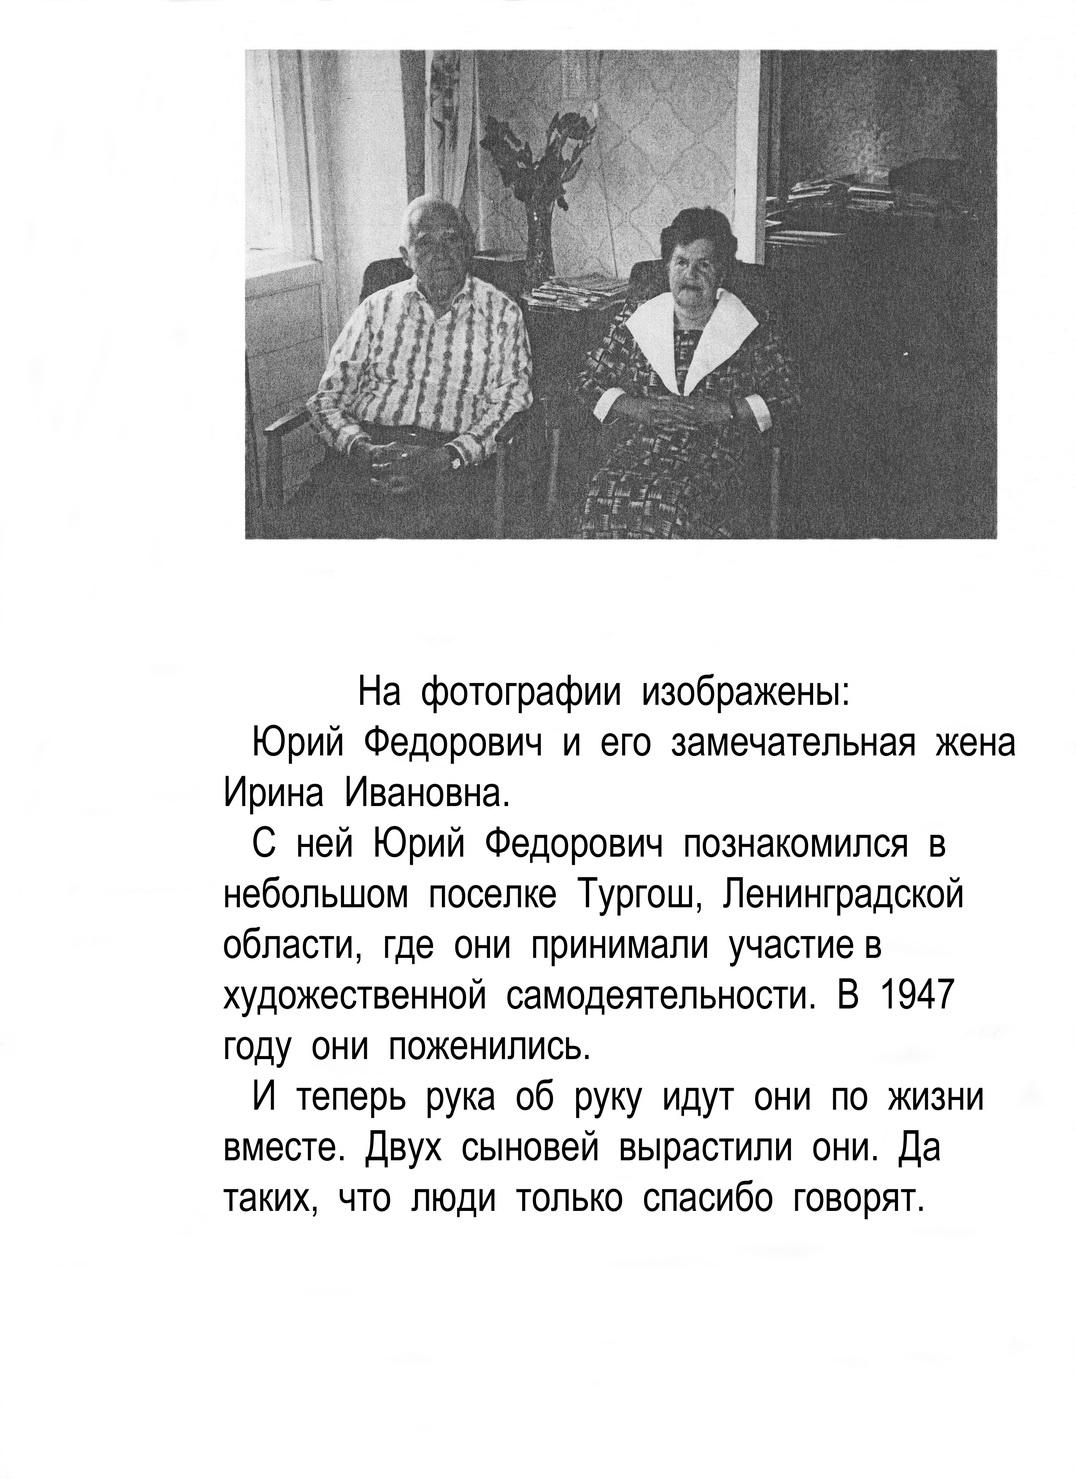 Ю.Ф. Ляпидевский с женой